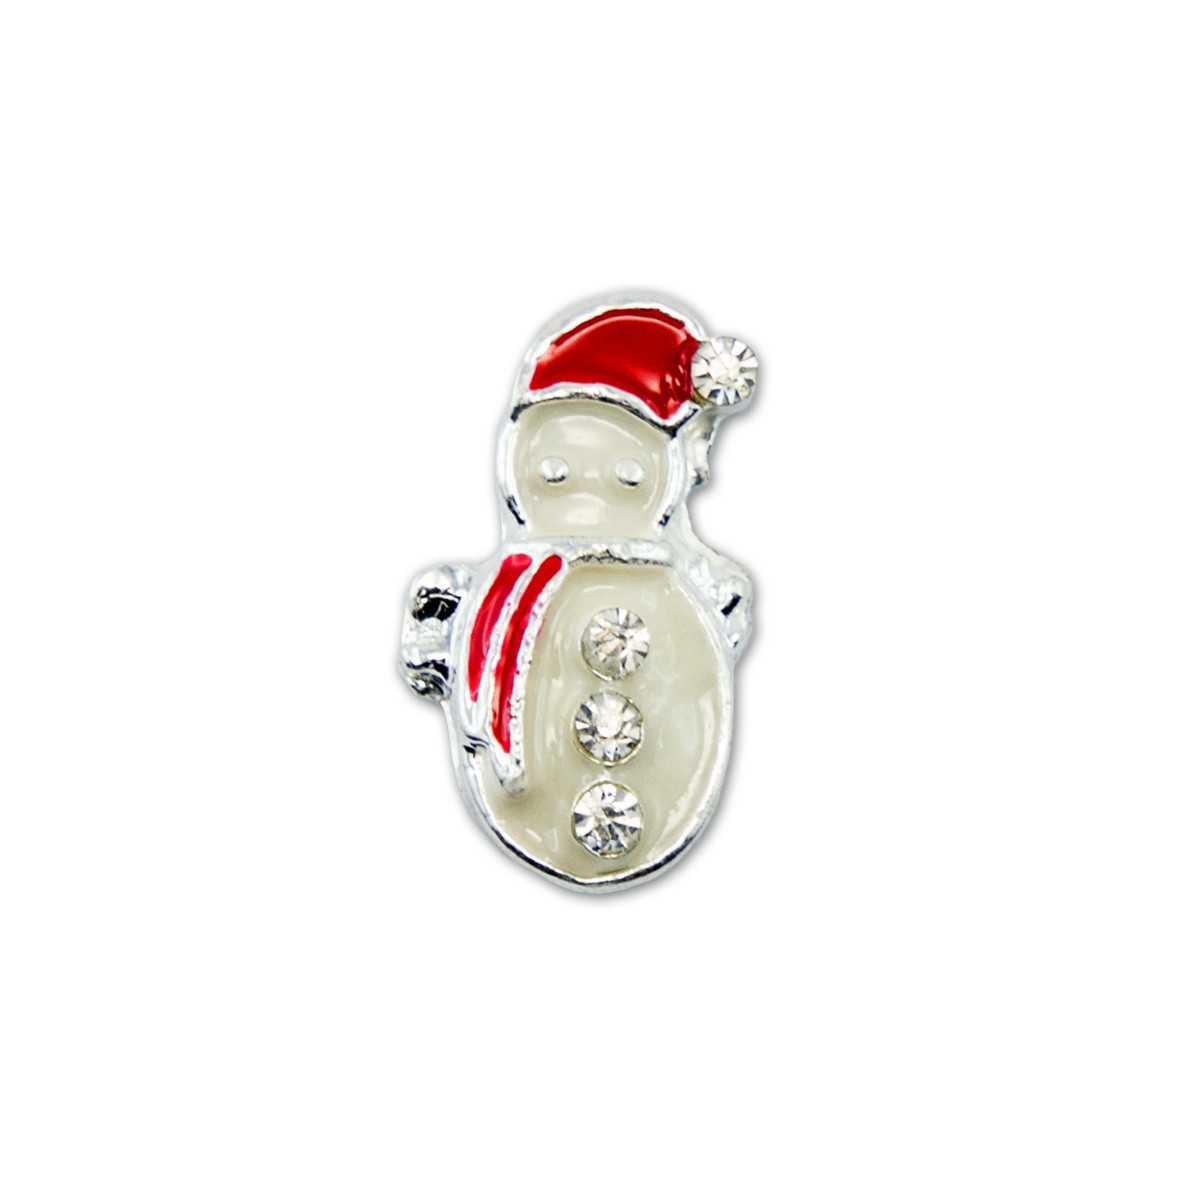 https://www.kit-manucure.com/1522-thickbox_default/bijoux-pour-ongles-bonhomme-de-neige-à-strass.jpg